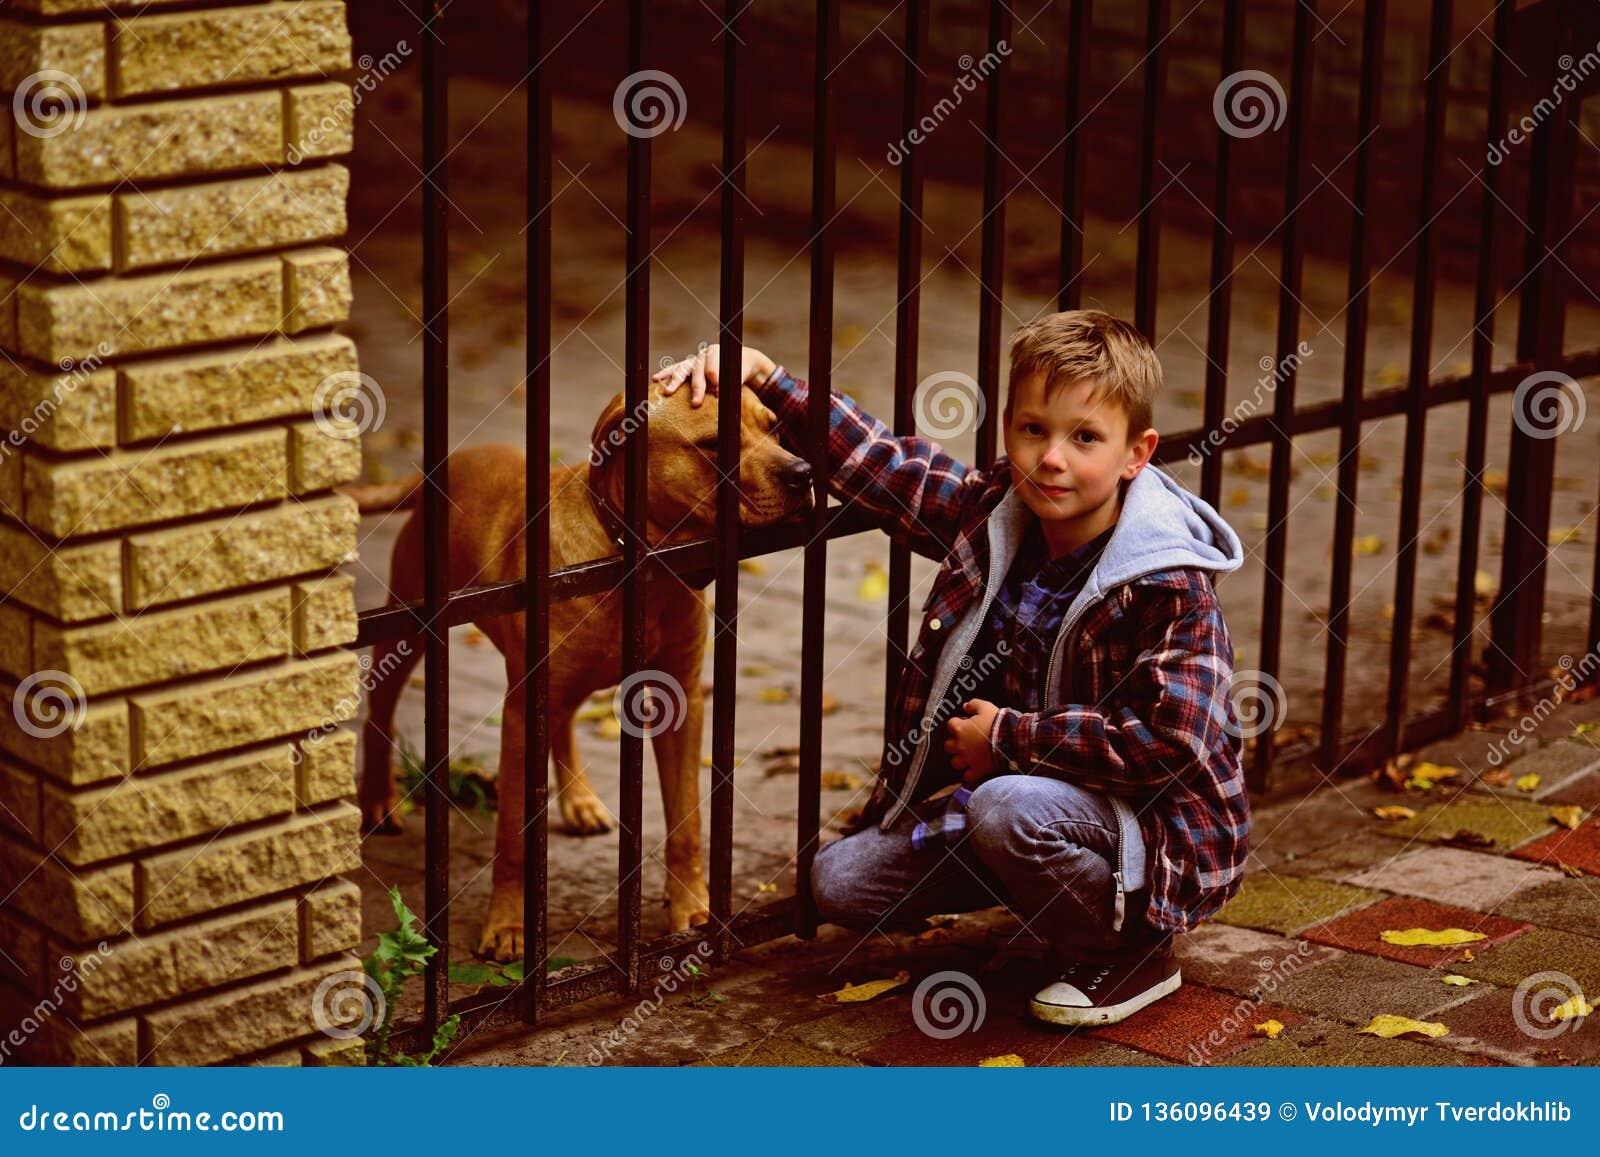 Насладитесь быть моей собакой Мальчик принимает собаку от укрытия животных Игра мальчика с собакой Вы наклоненная влюбленность по